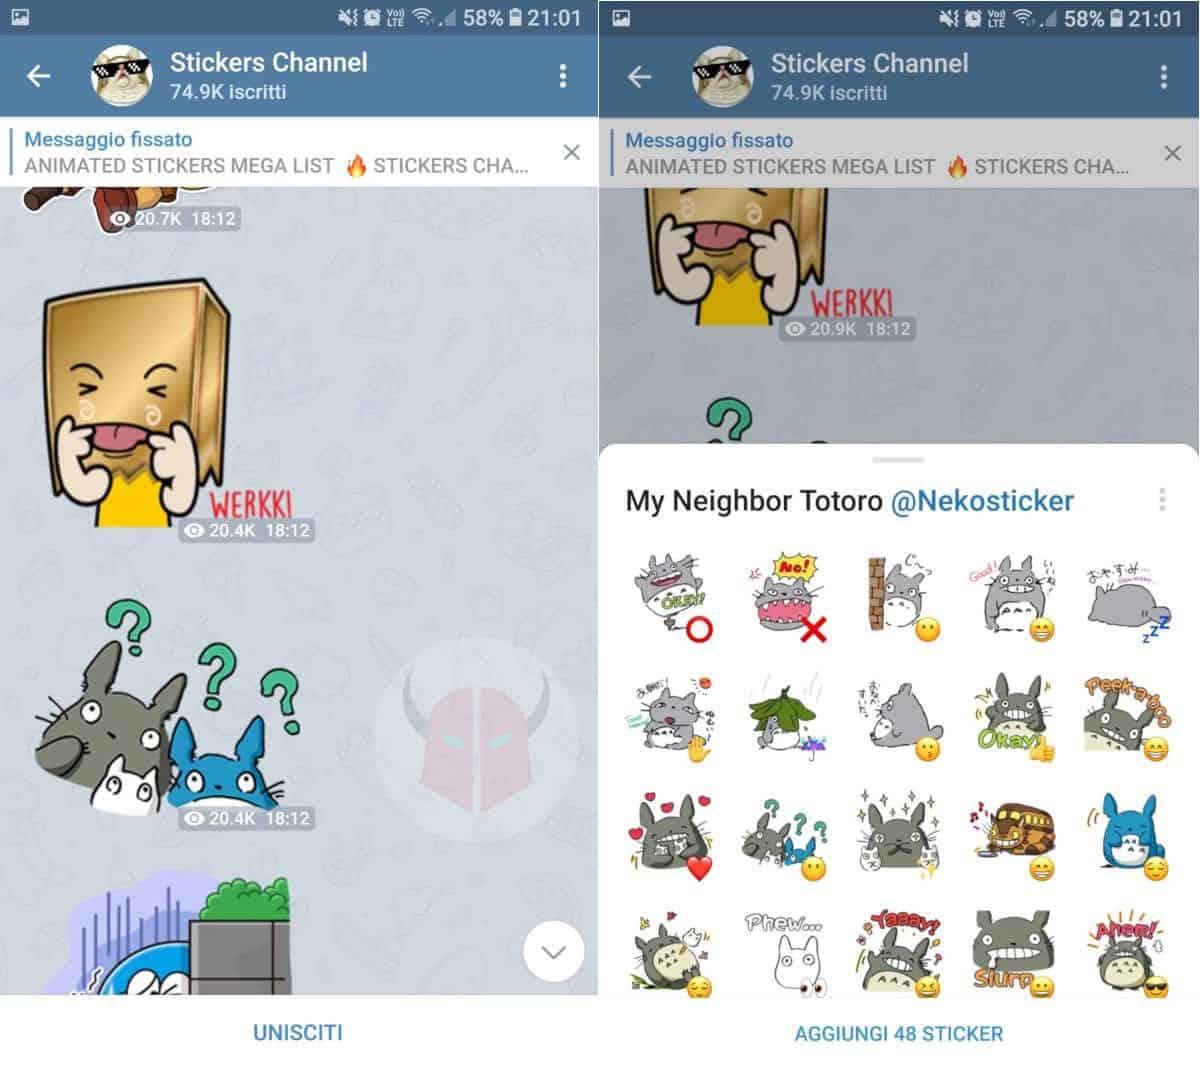 come fare gli sticker su Telegram canale Stickers Channel